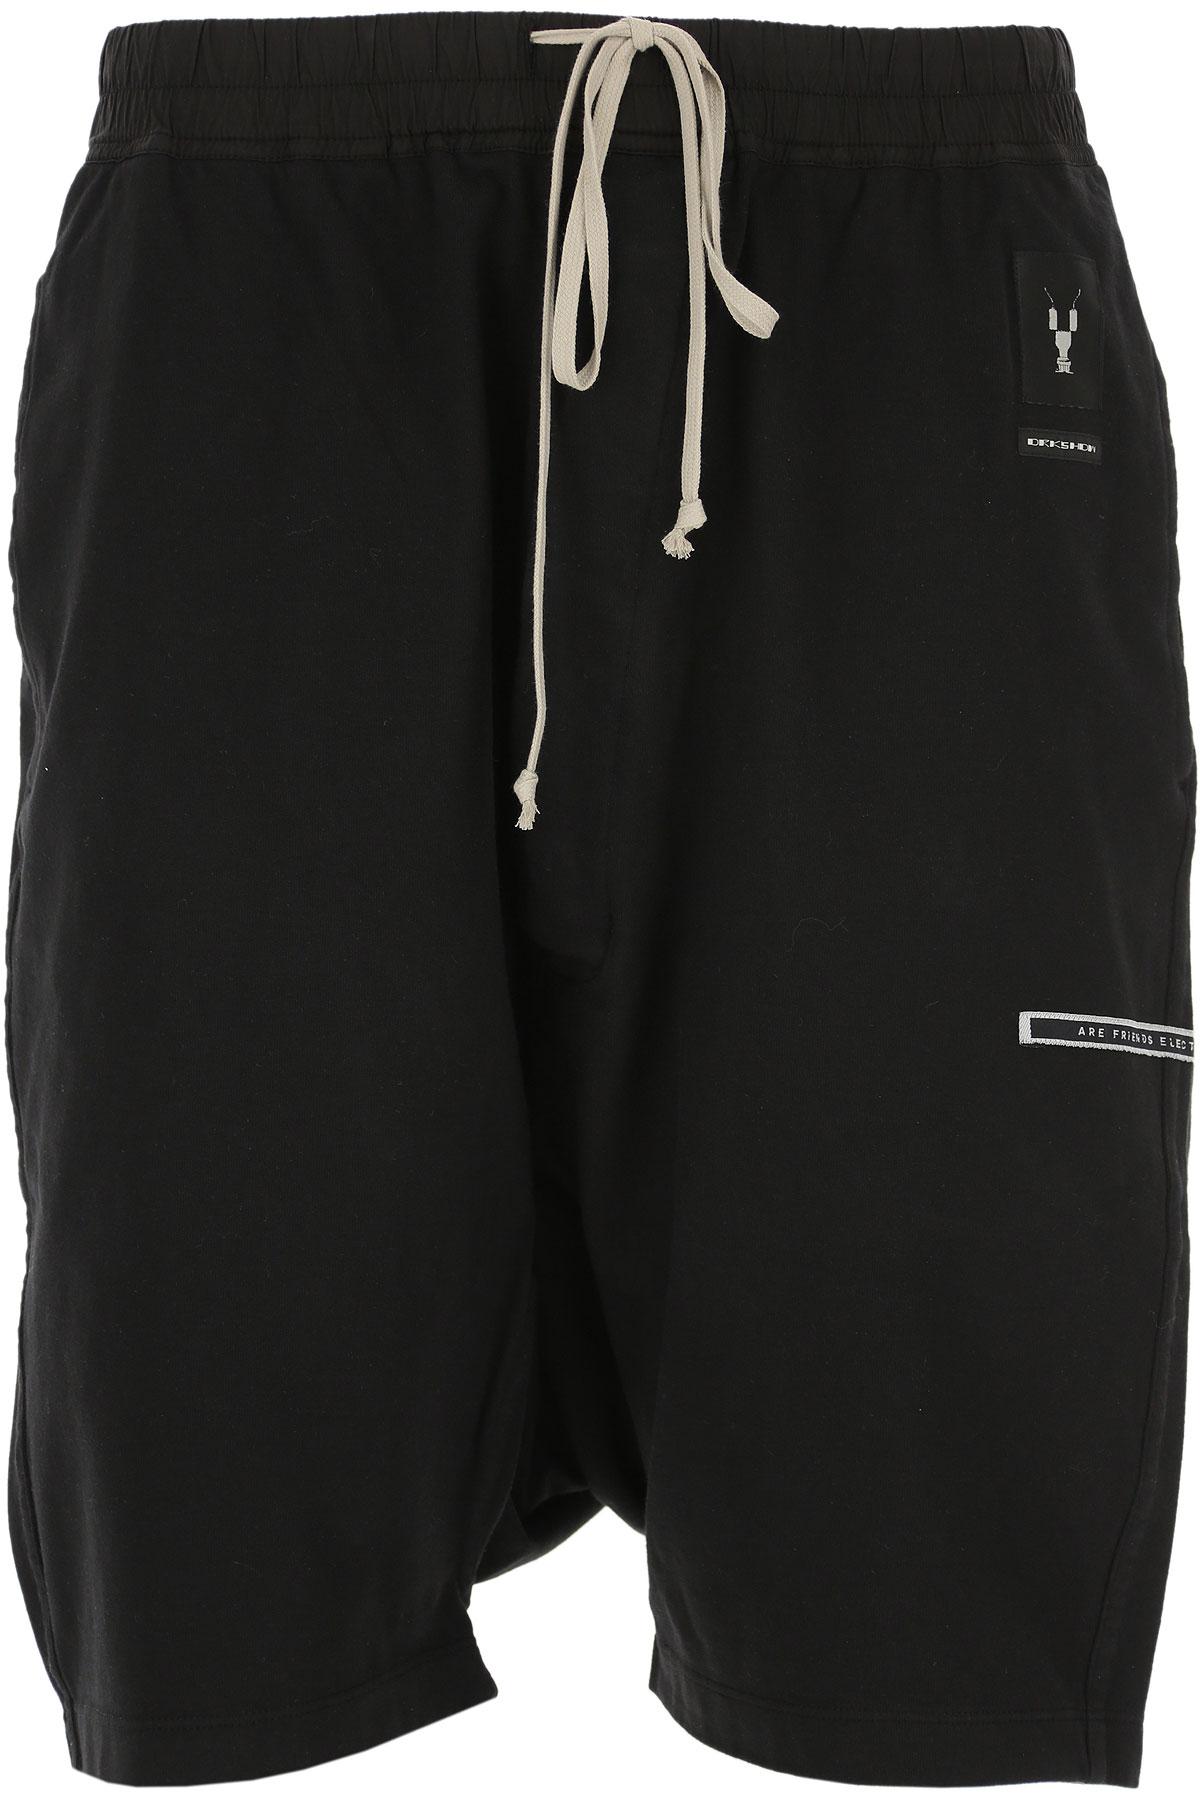 Rick Owens DRKSHDW Pants for Men On Sale in Outlet, Black, Cotton, 2019, S (EU 46) M (EU 48) L (EU 50)